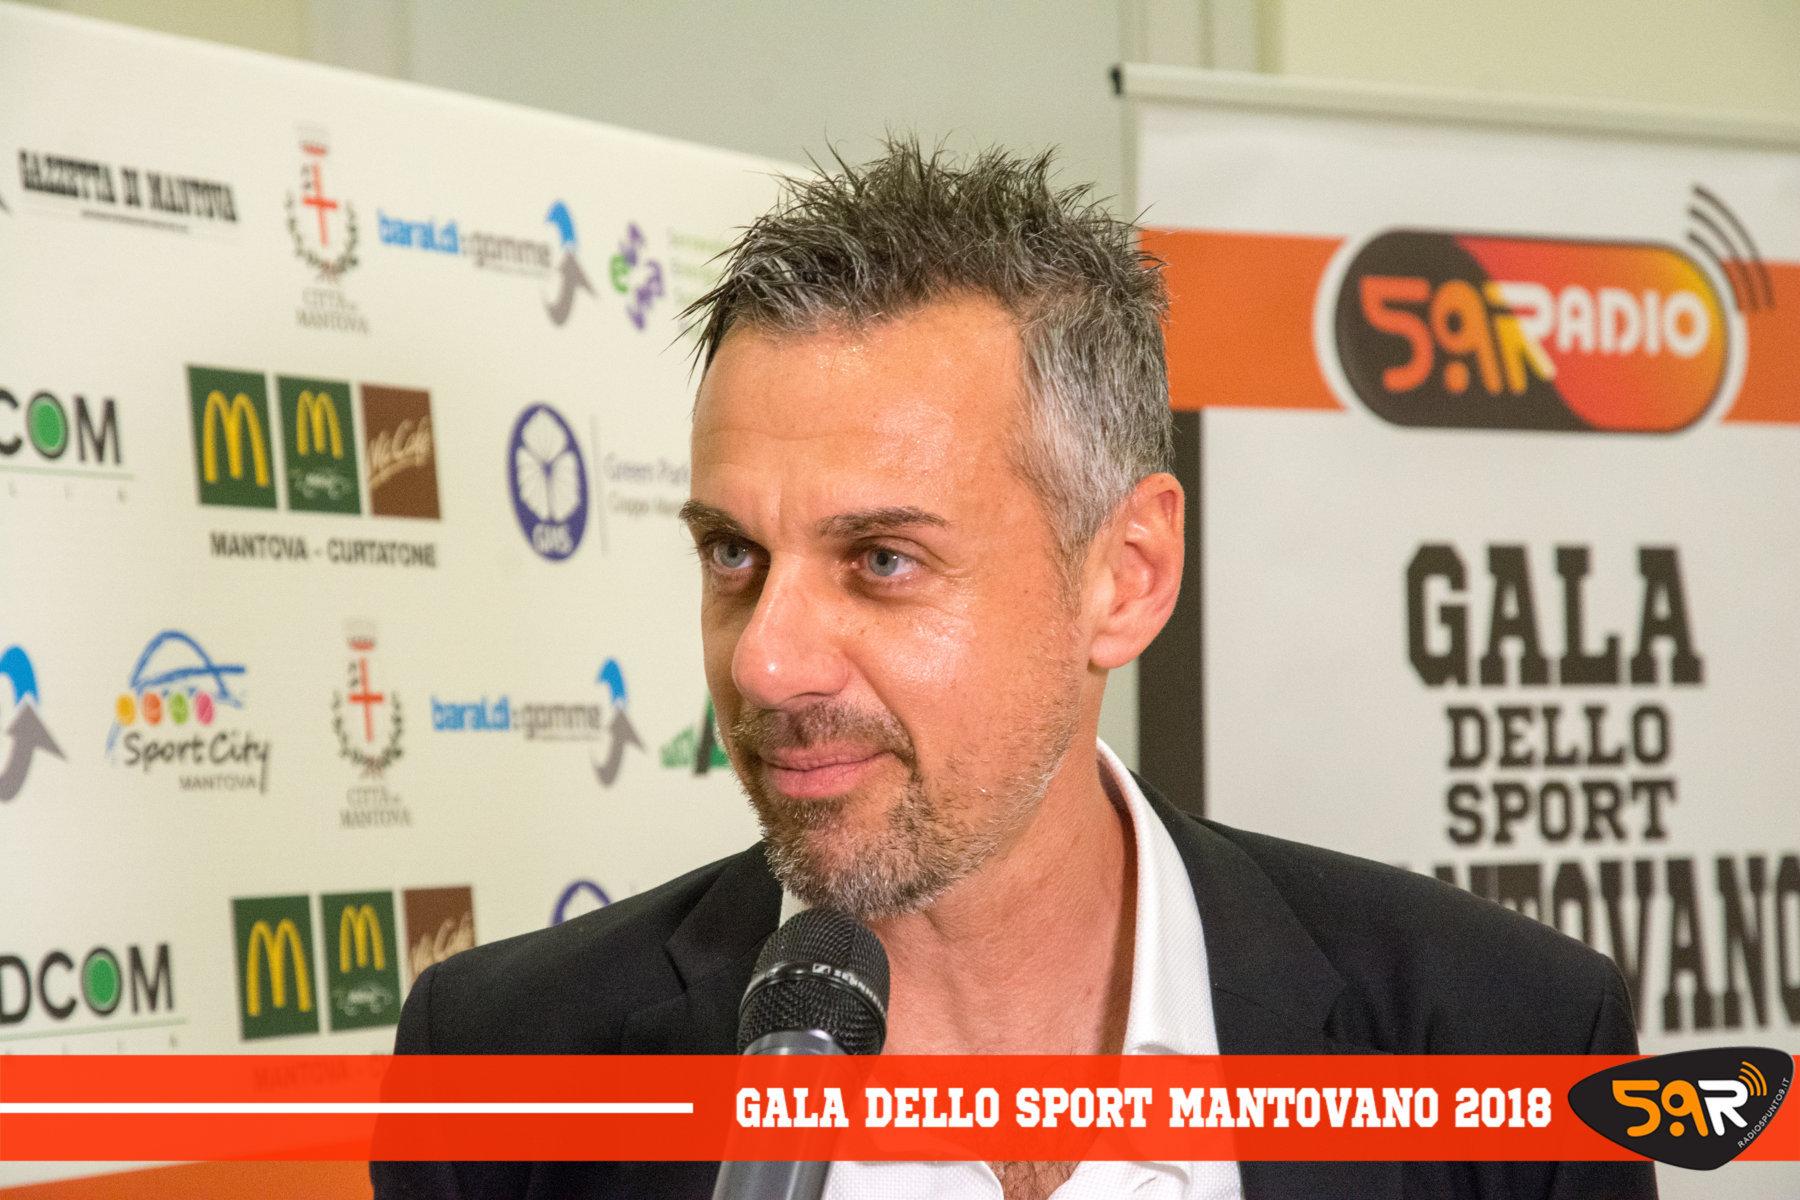 Gala dello Sport Mantovano 2018 Web Radio 5 (45)